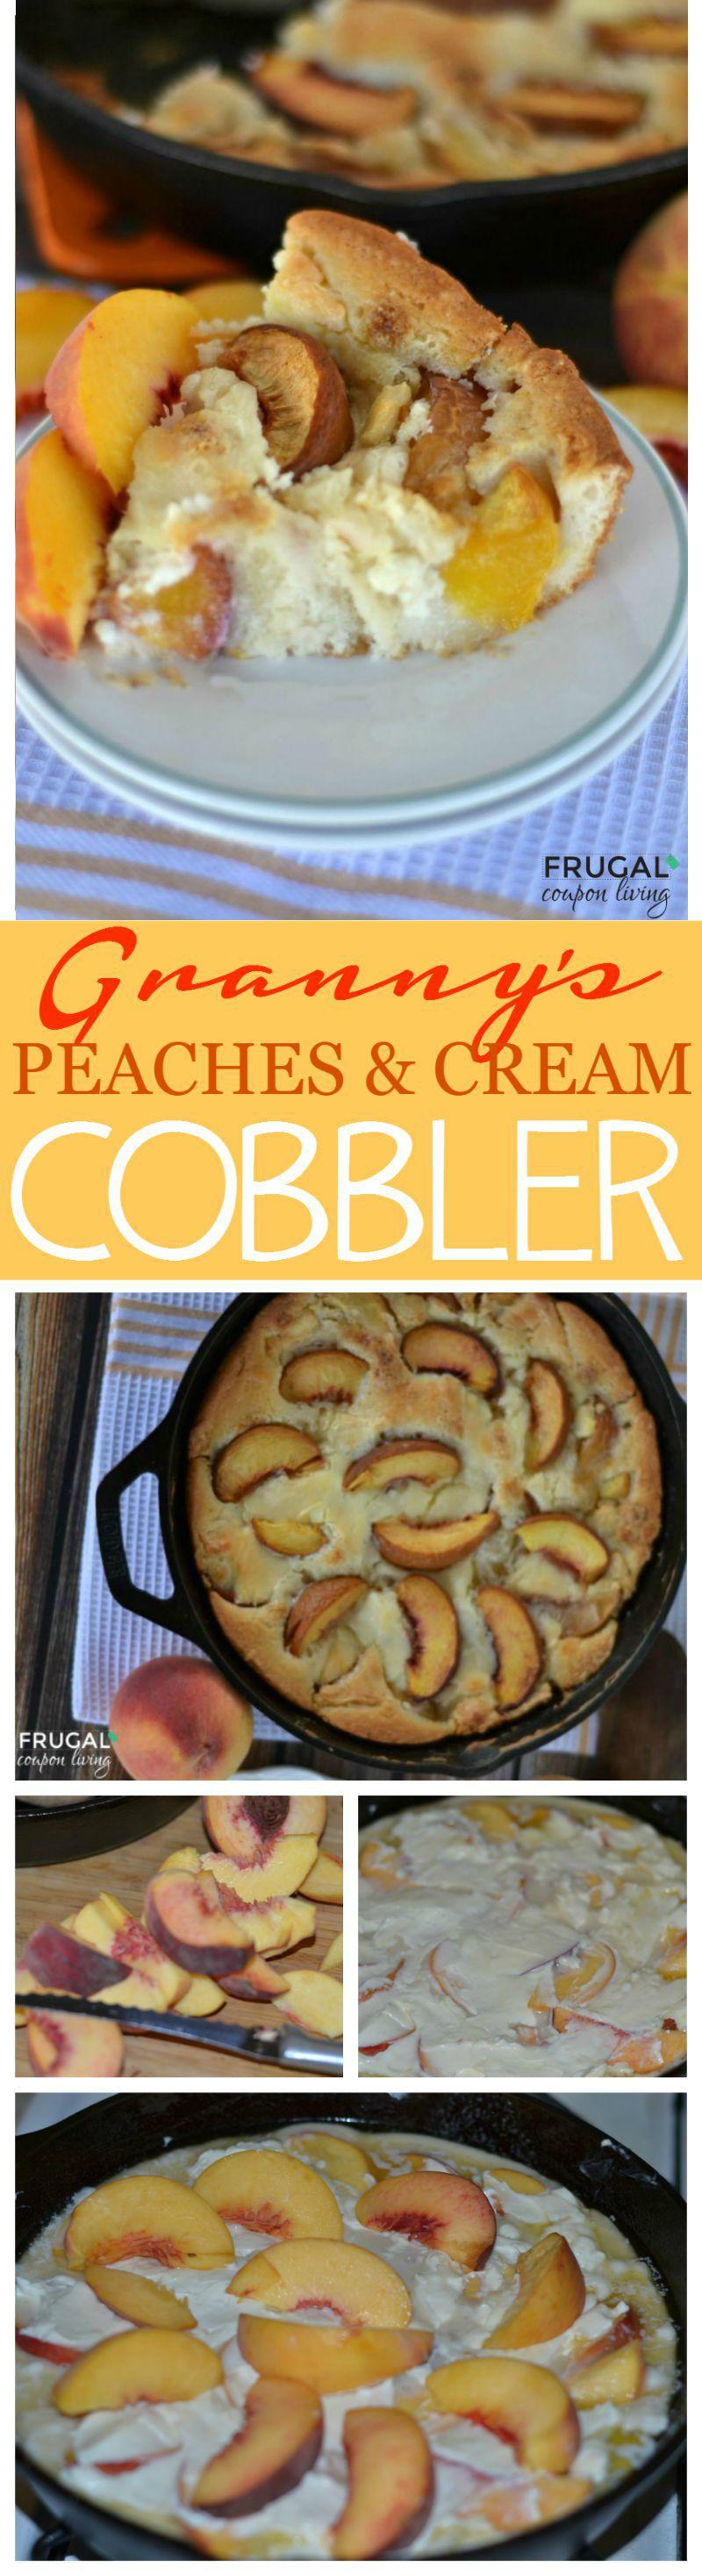 grannys-peaches-cream-cobbler-frugal-coupon-living-collage